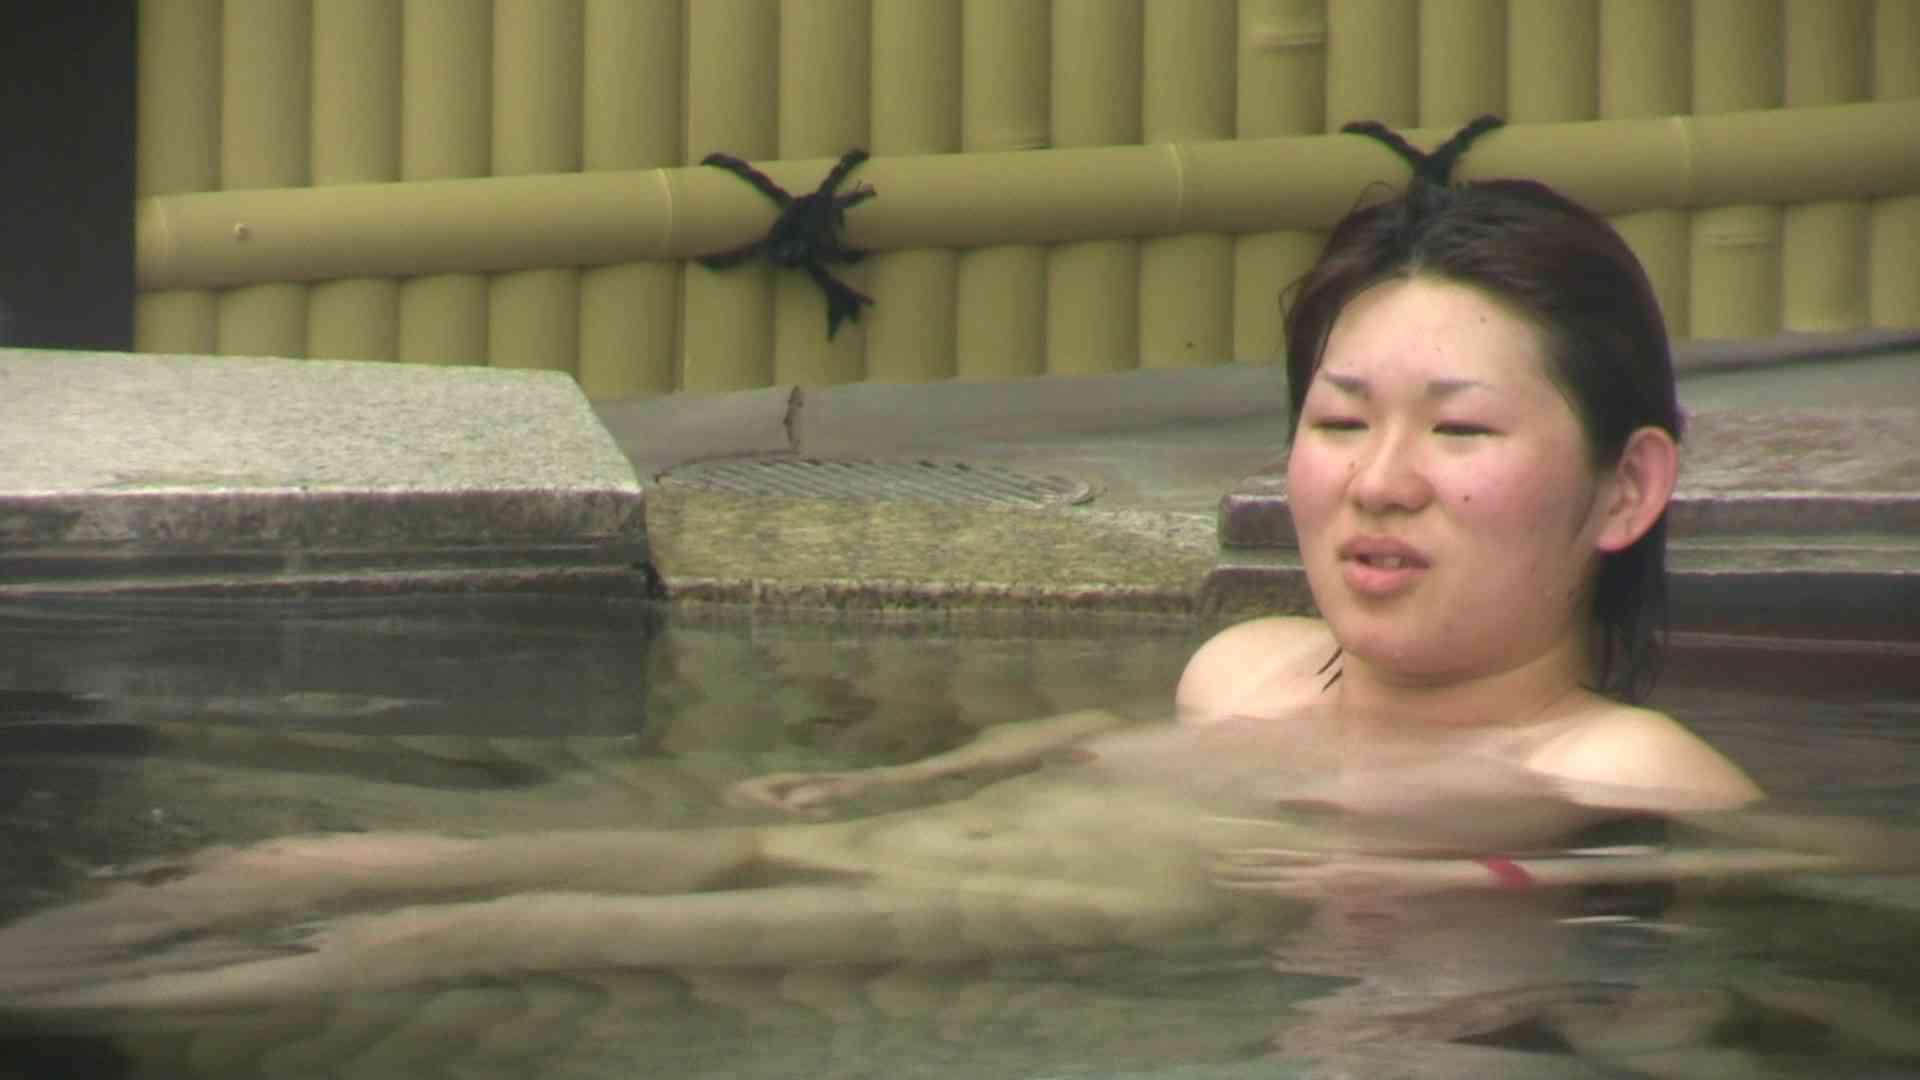 Aquaな露天風呂Vol.673 OLエロ画像 | 盗撮  104PICs 88